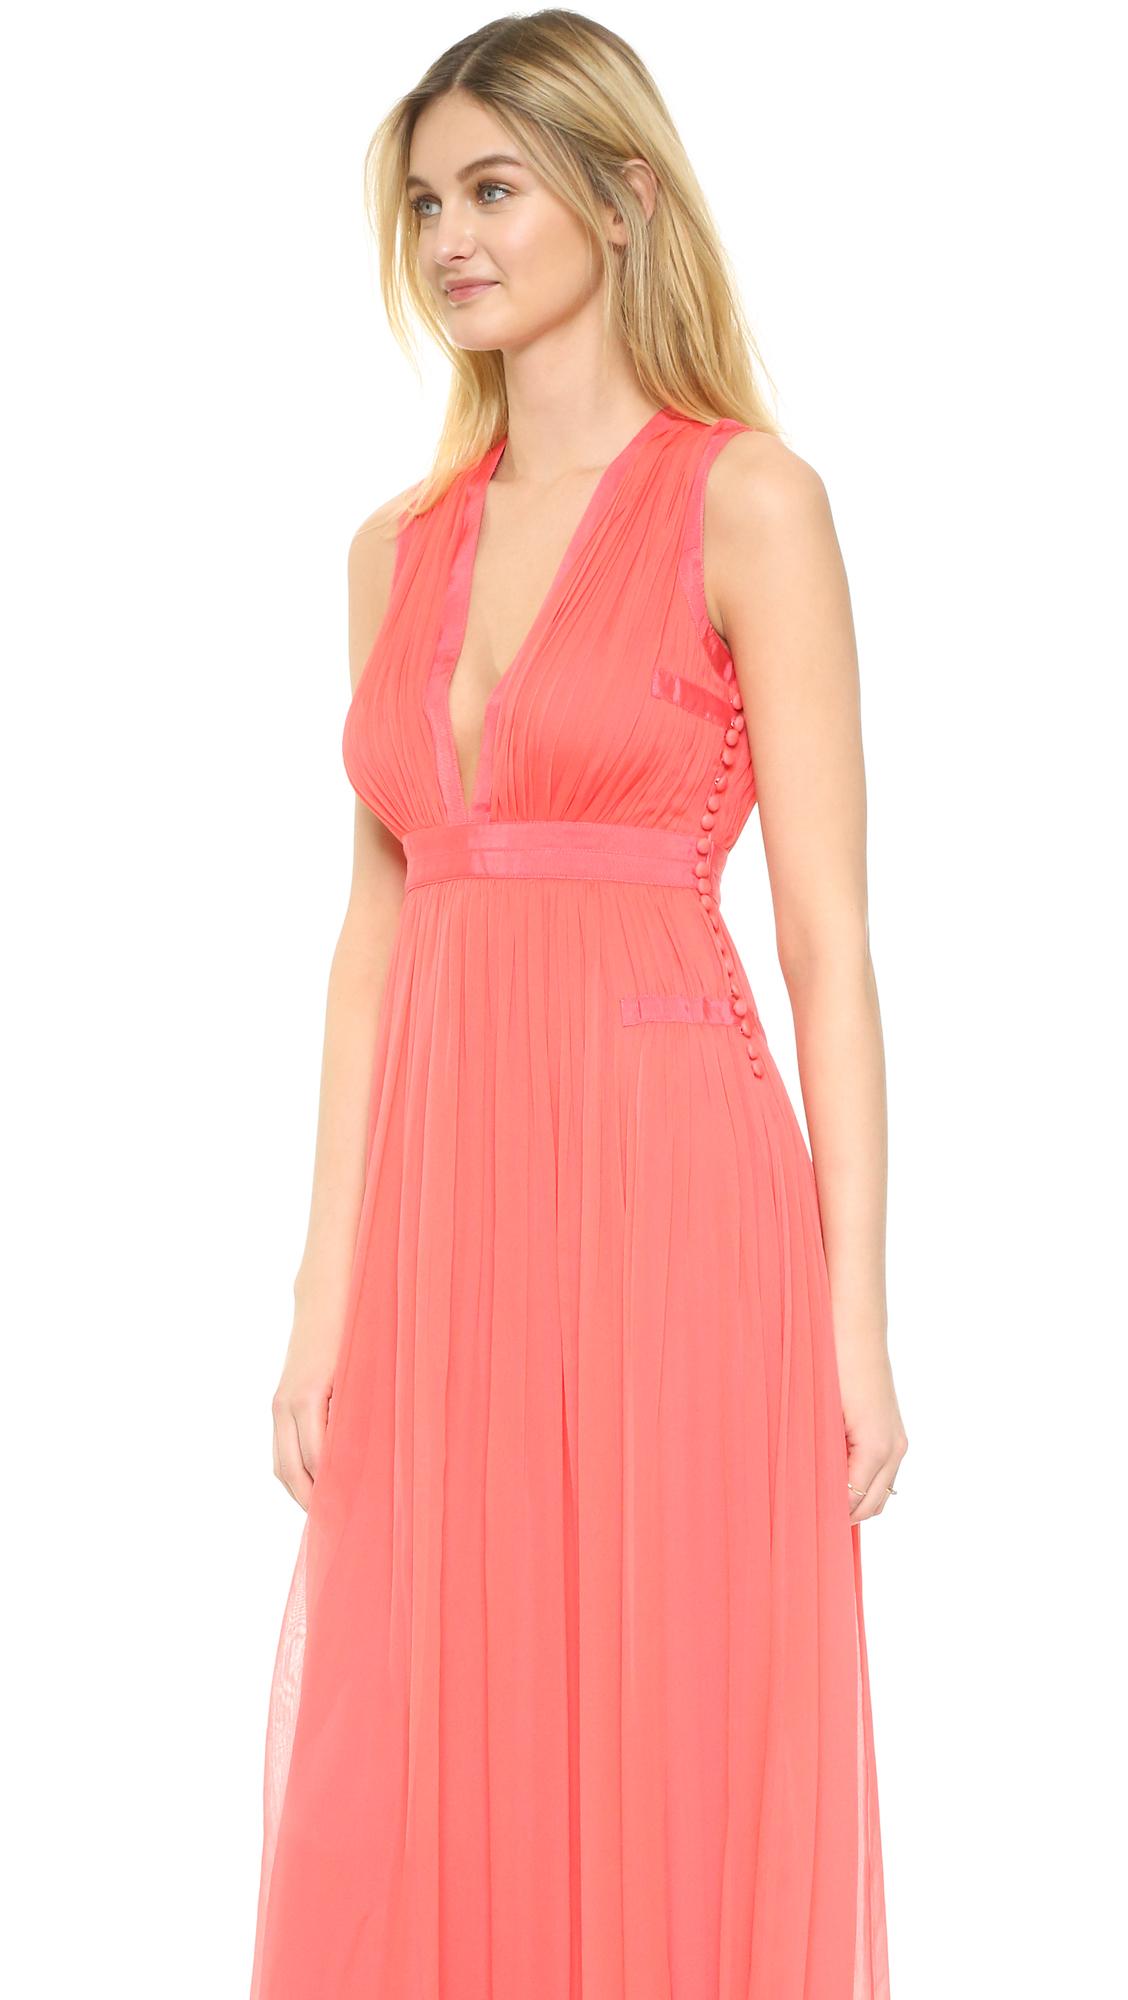 lyst diane von furstenberg lelani maxi dress in pink. Black Bedroom Furniture Sets. Home Design Ideas